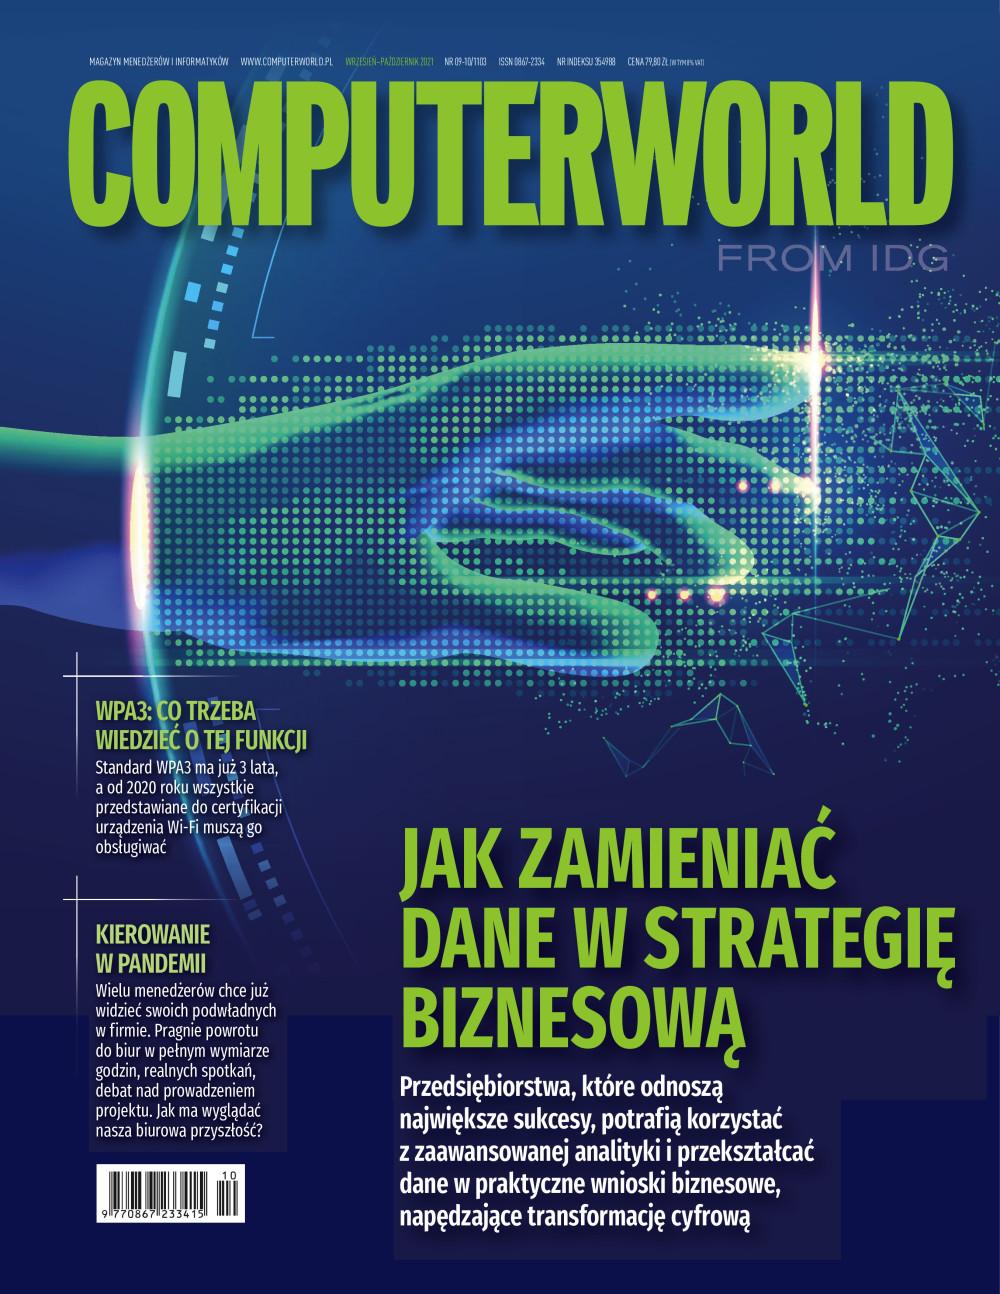 Computerworld e-wydanie,prasa,press,gazety,polityka,polska